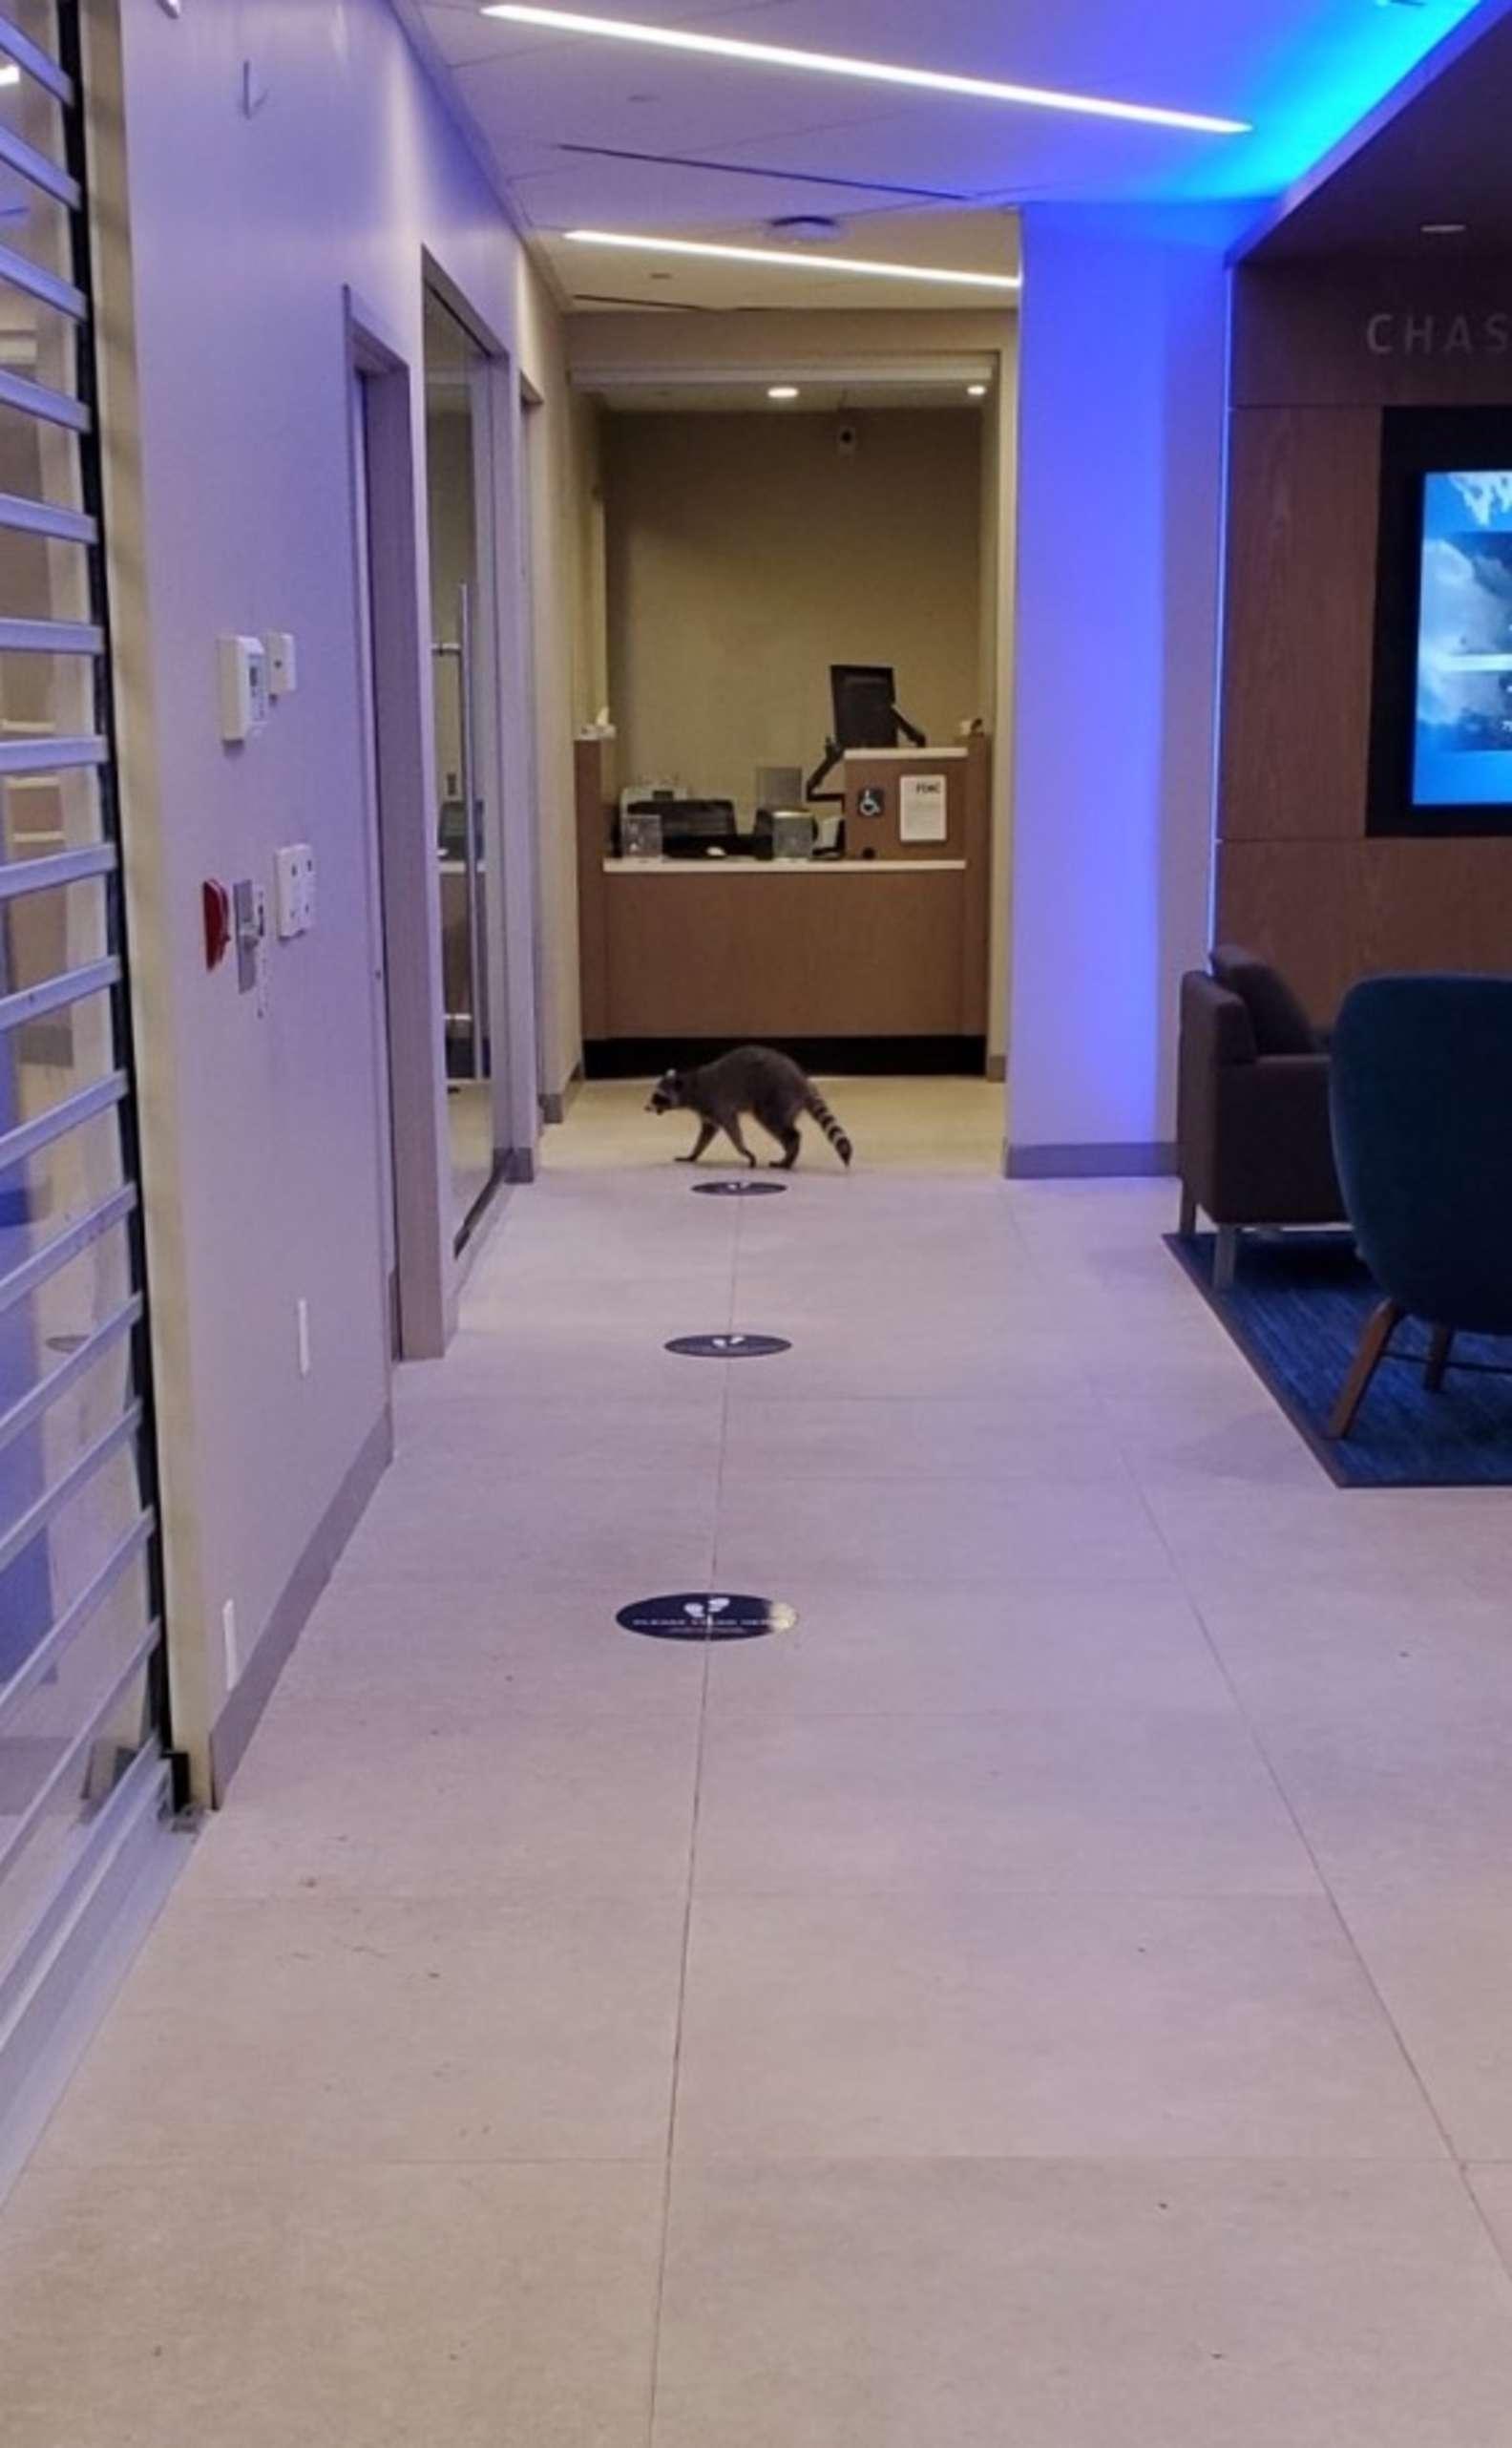 浣熊「潛入銀行」做任務 人員驚呆:搶了「比錢還重要」的東西